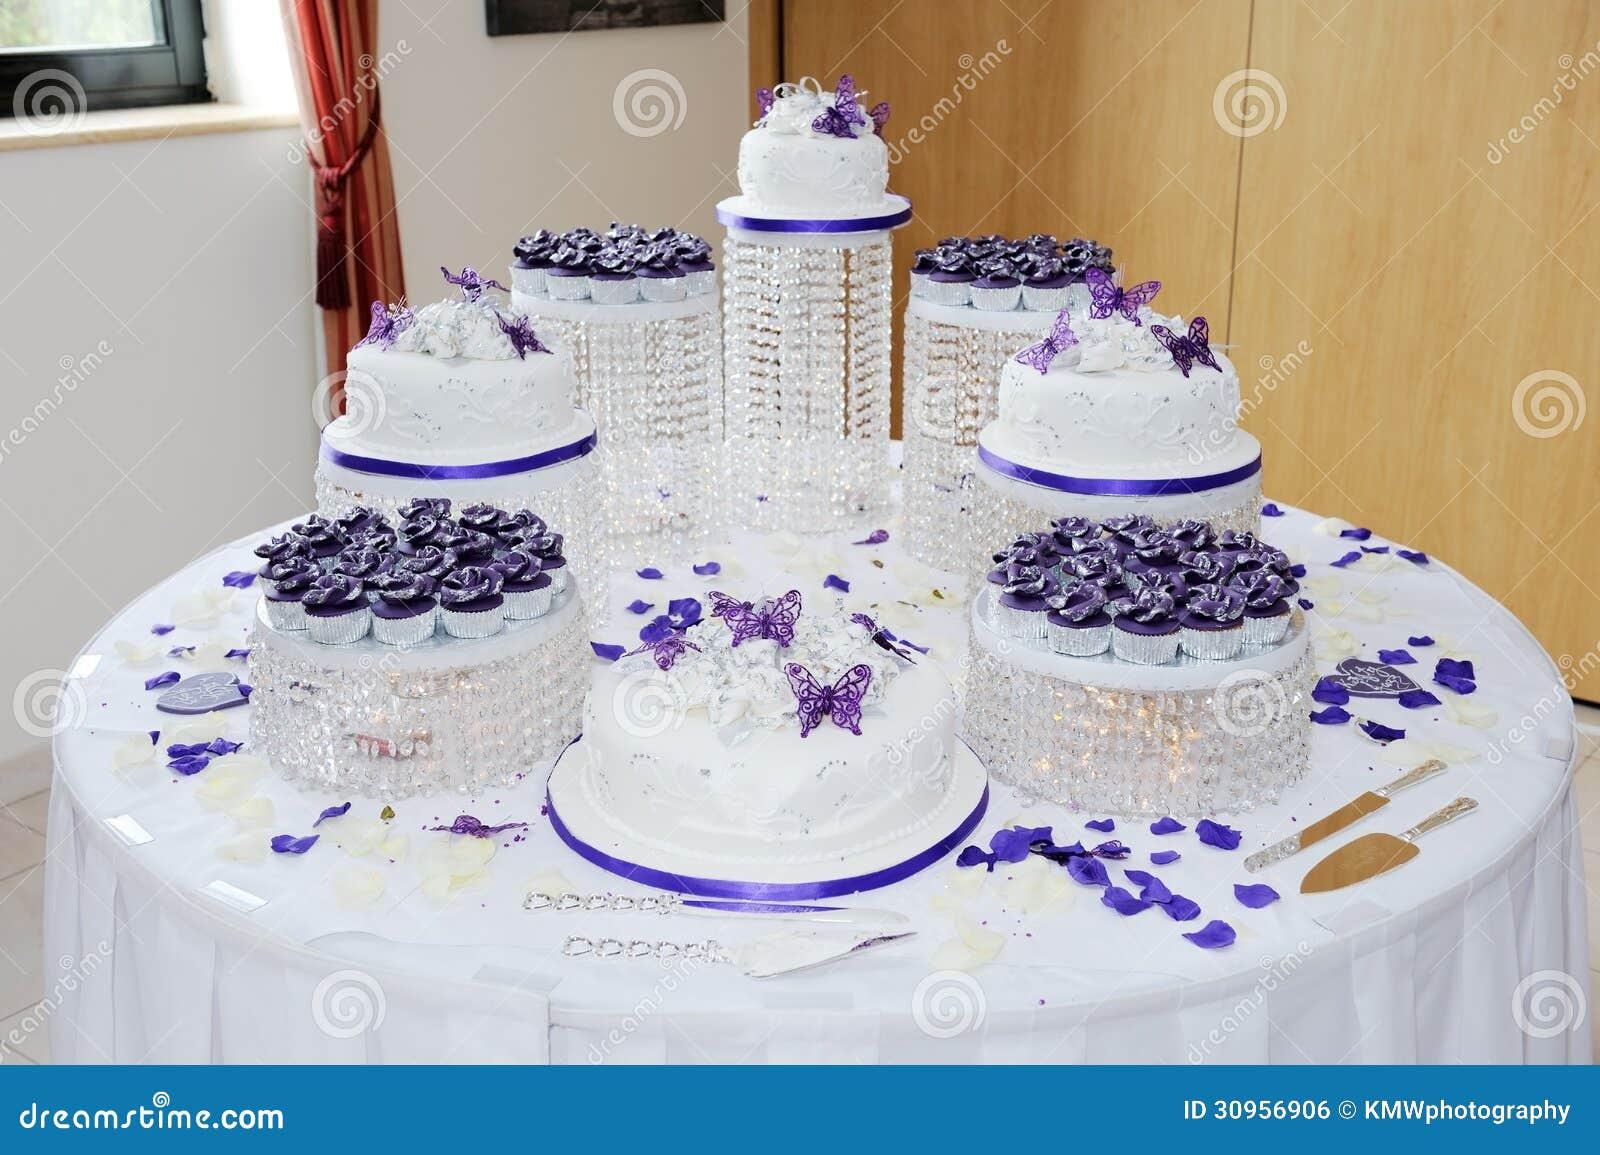 Big Wedding Cake Royalty Free Stock Image Image